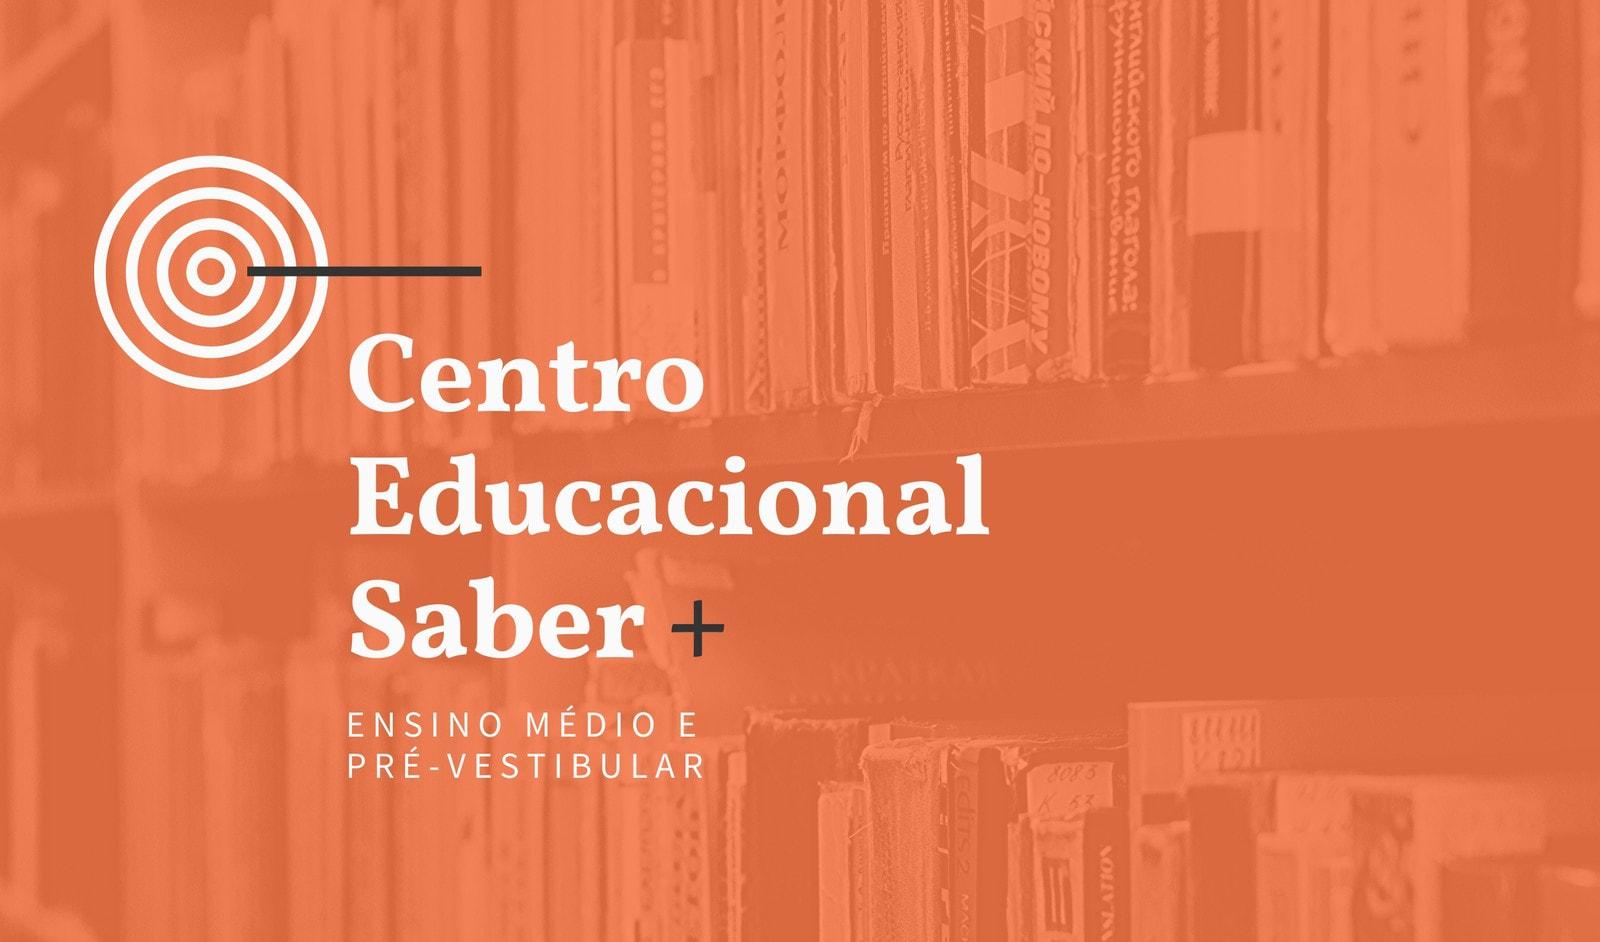 Cartão Preto e Laranja de Escola do Ensino Médio